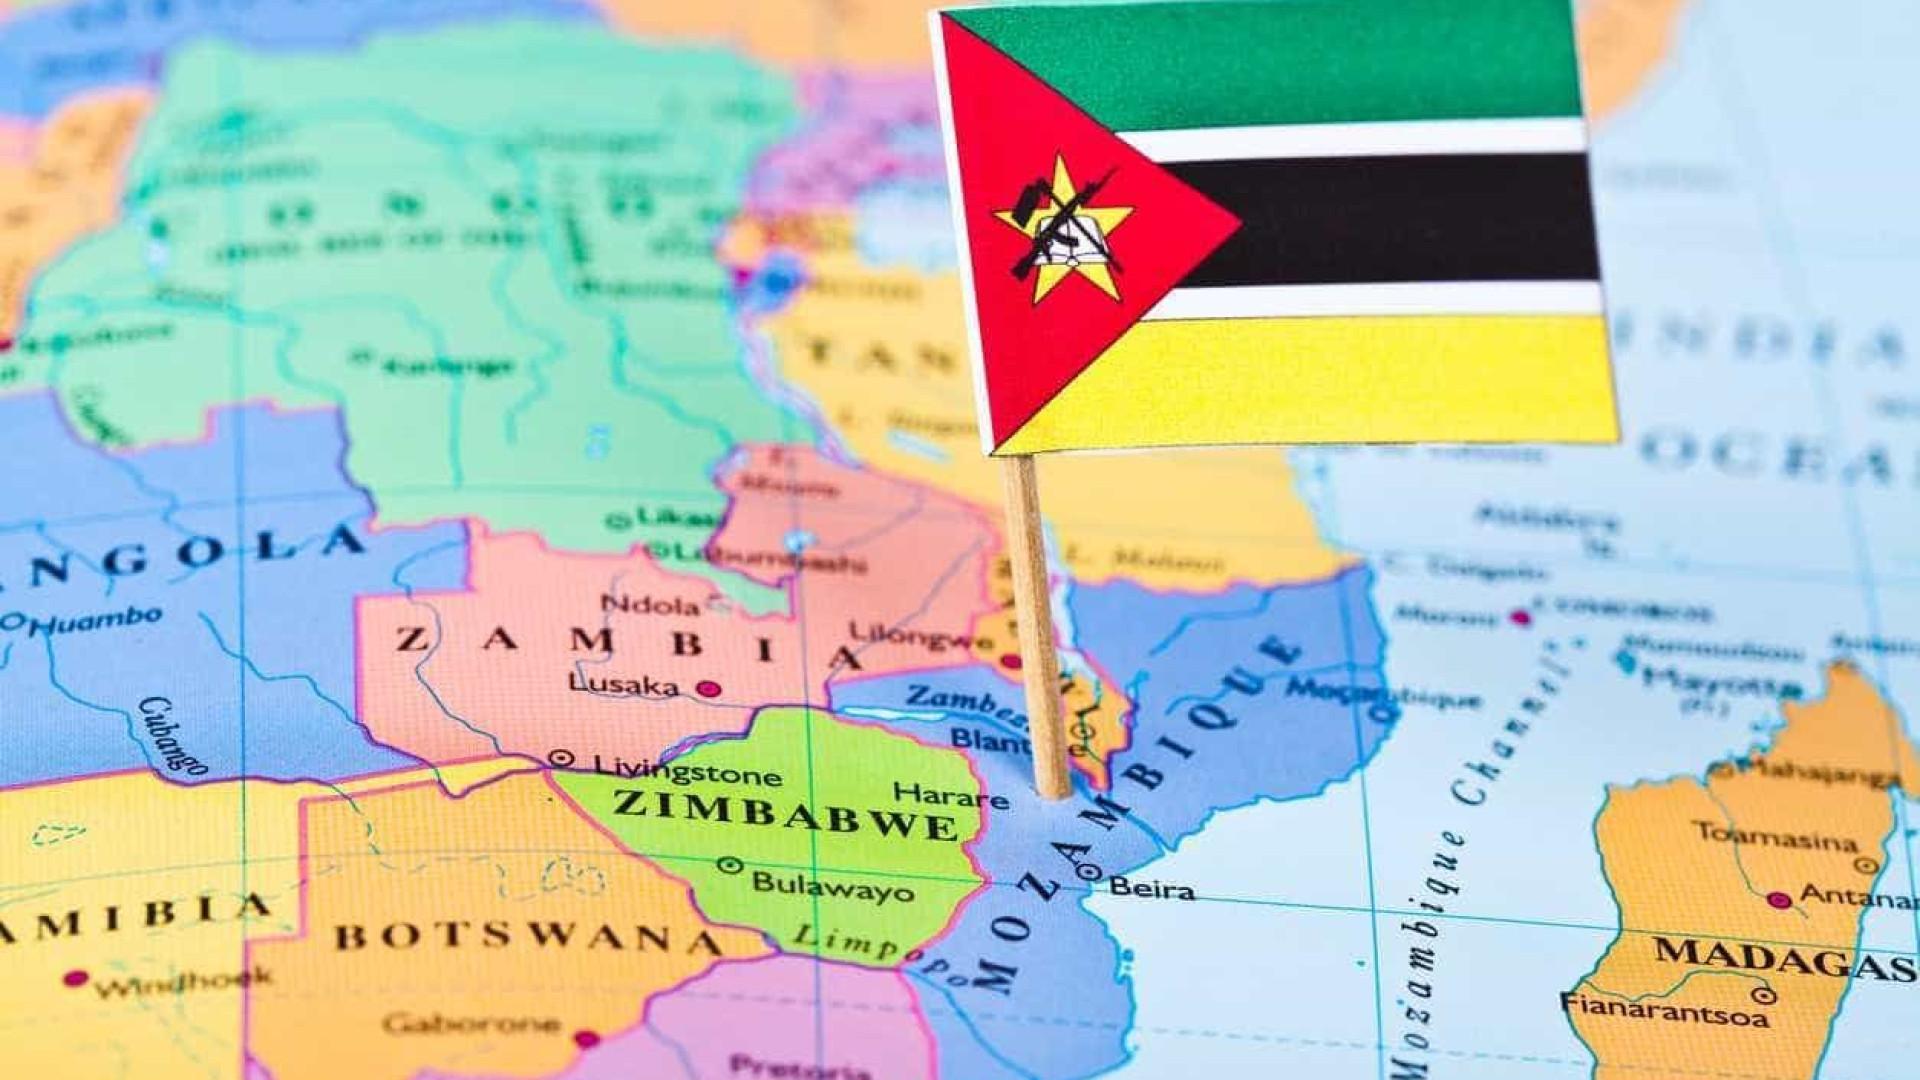 Dívida de Moçambique continua insustentável apesar de progressos